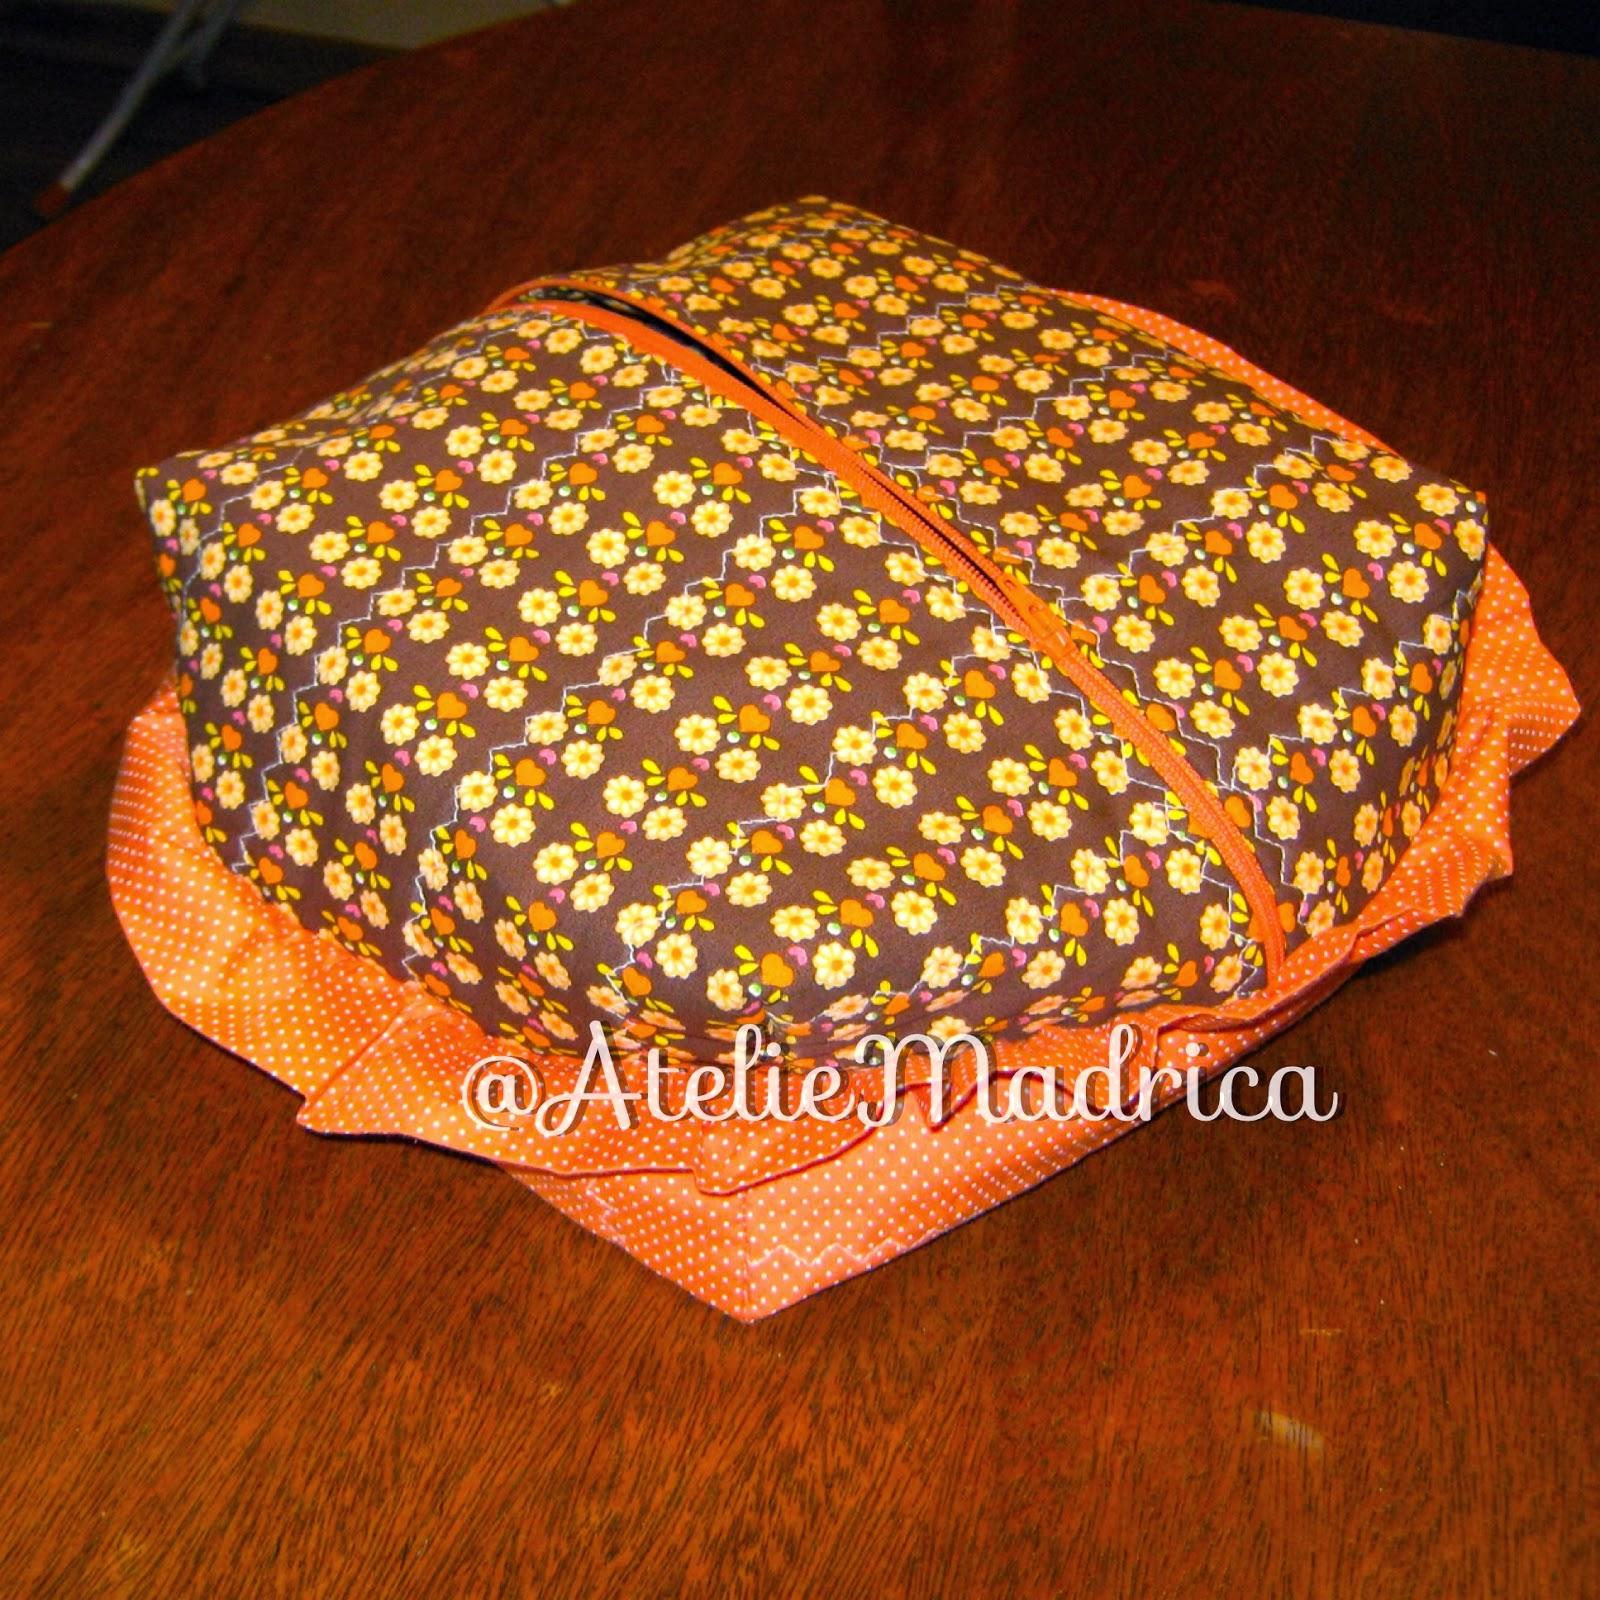 Porta pão em tecido com zíper por Ateliê Madrica